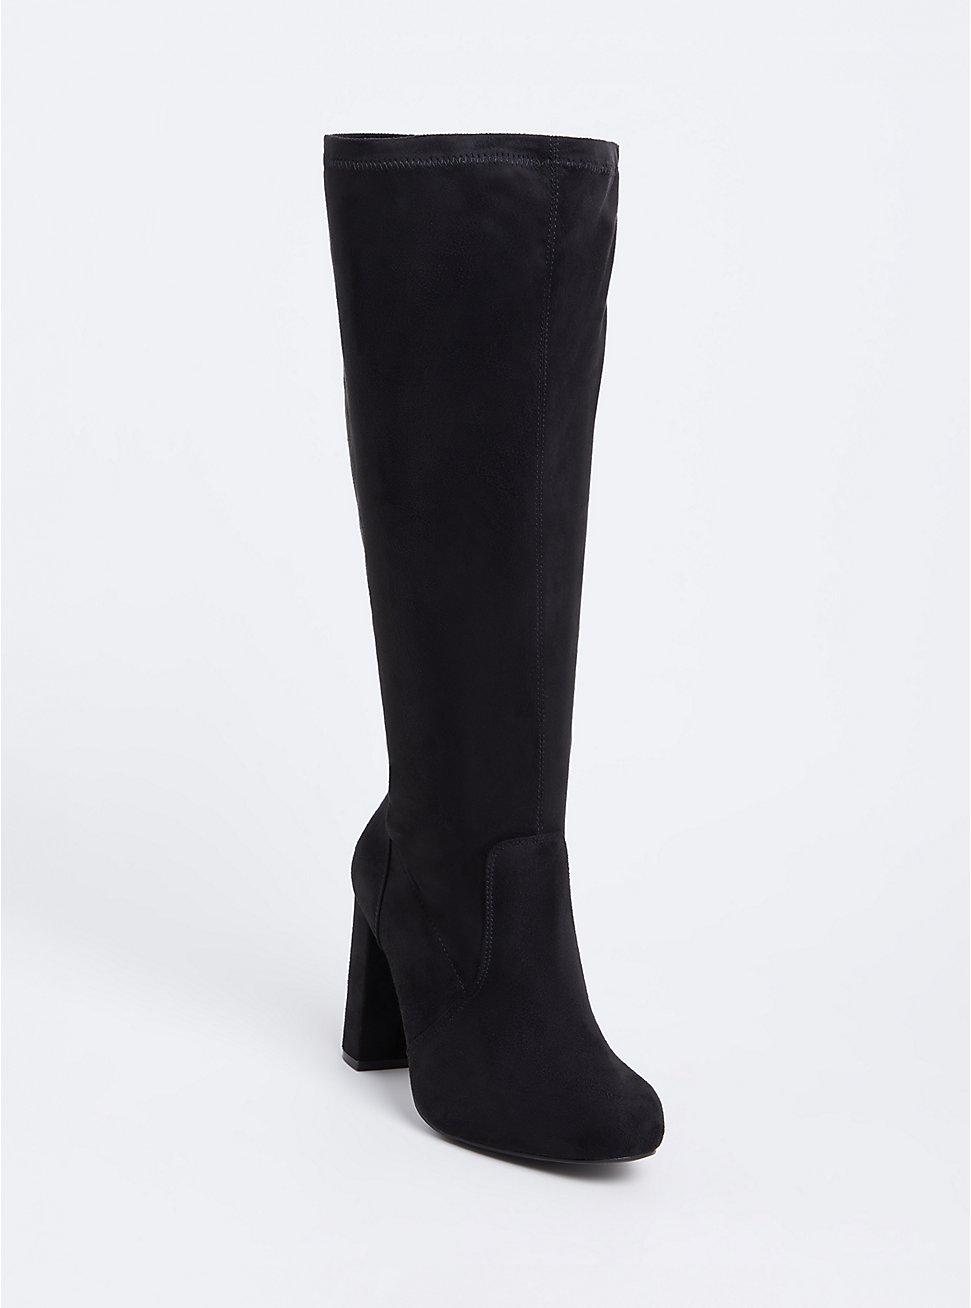 Black Faux Suede Knee-High Block Heel Boot (WW), BLACK, hi-res